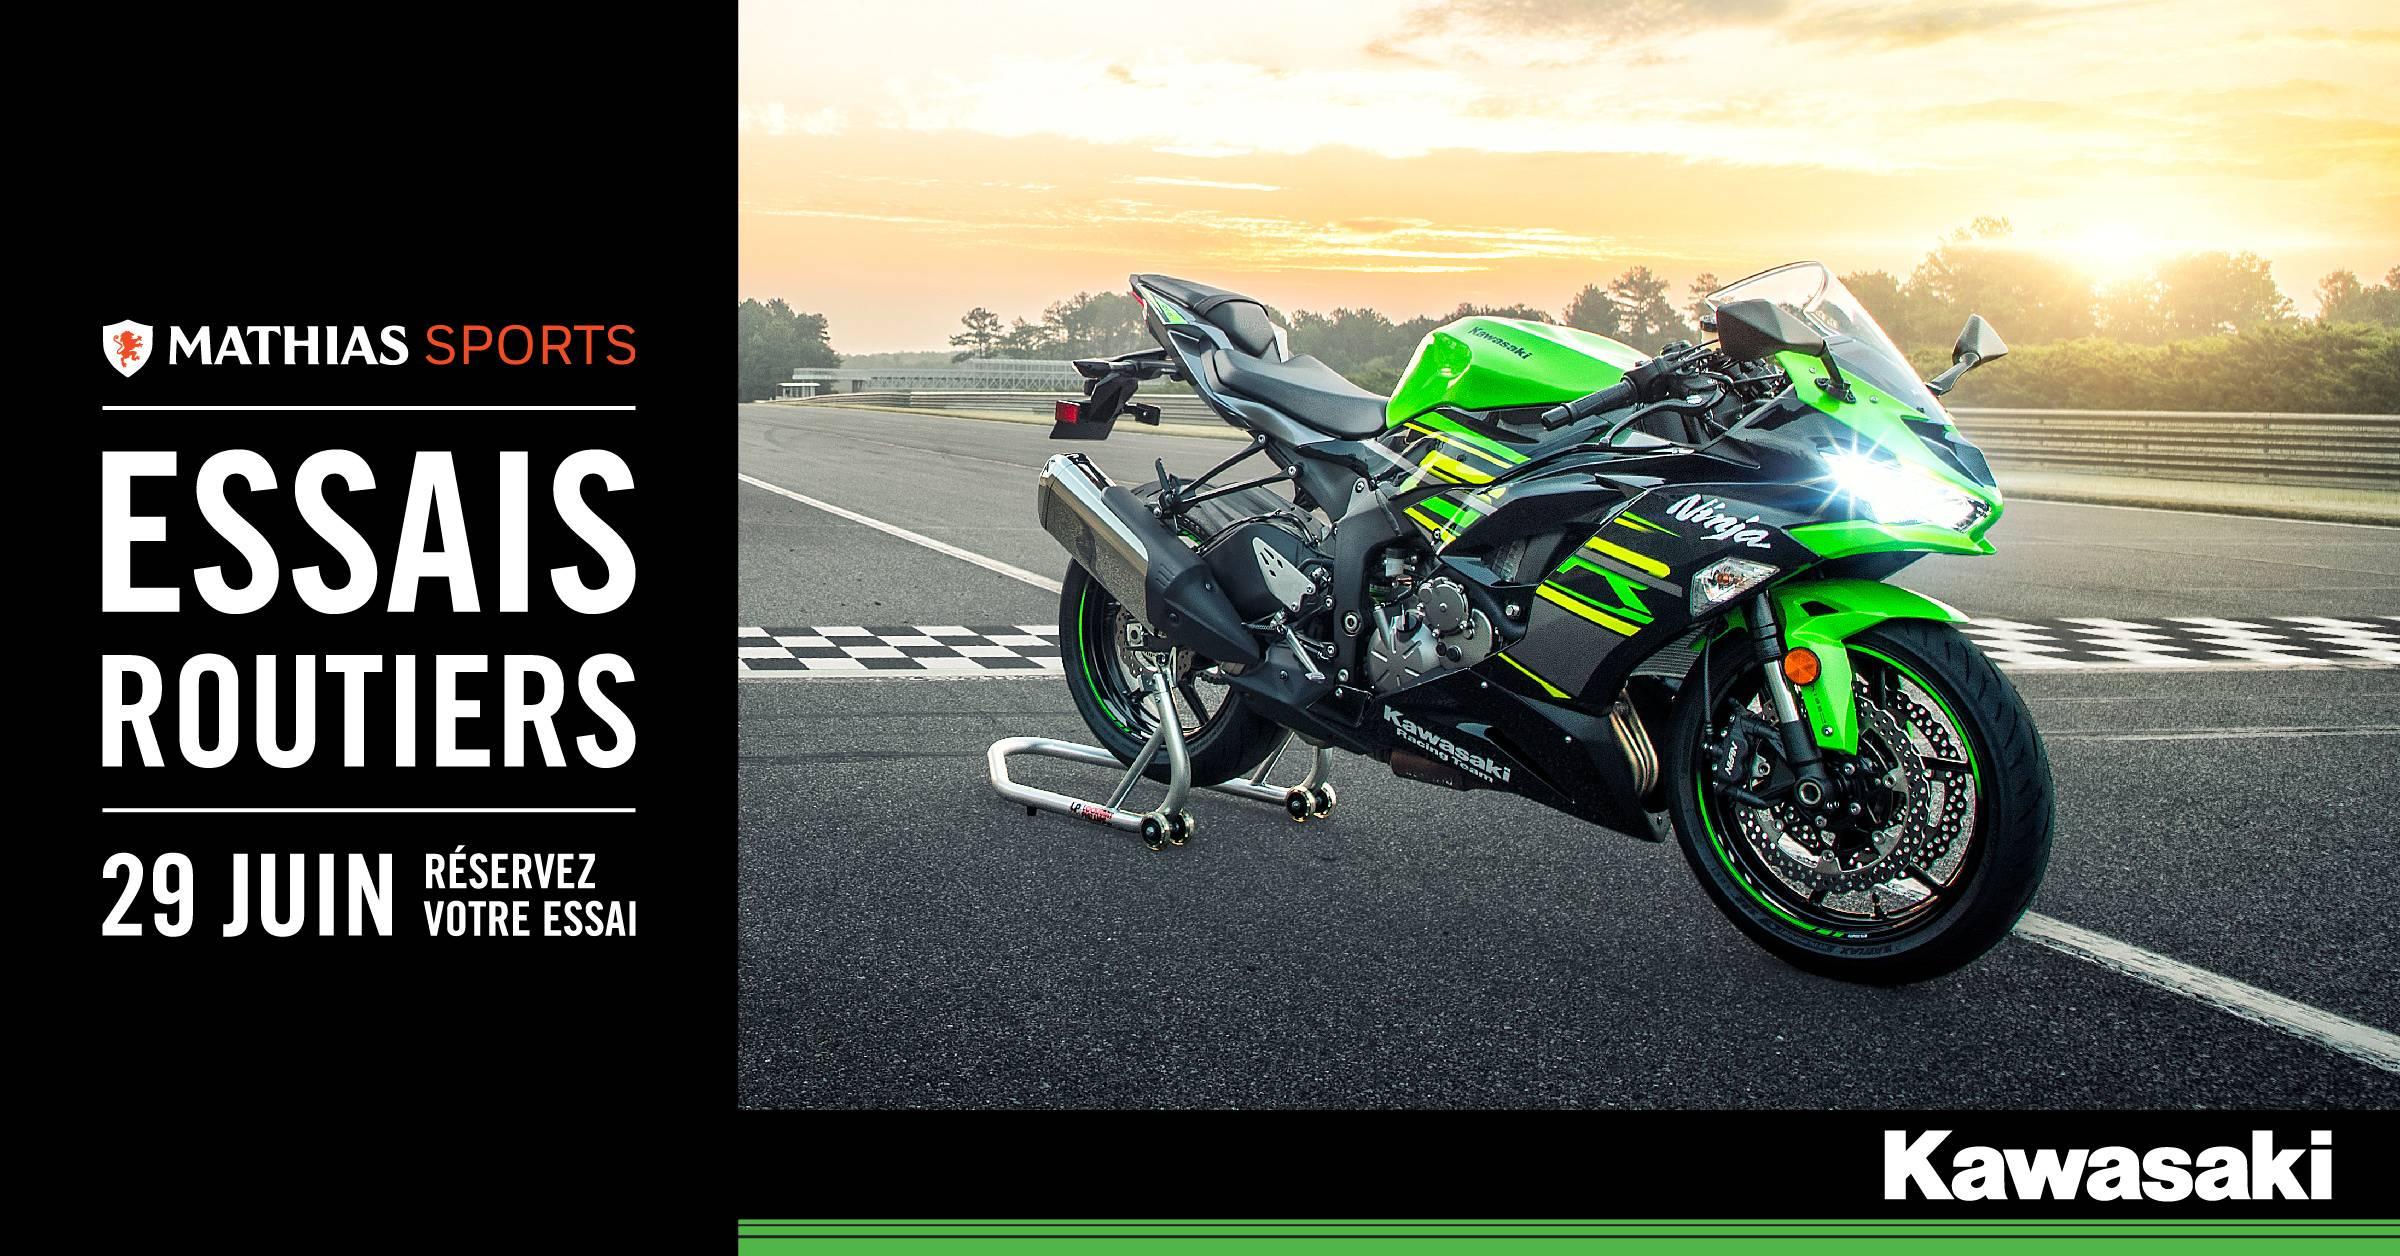 Participez aux essais routiers Kawasaki le 29 juin!